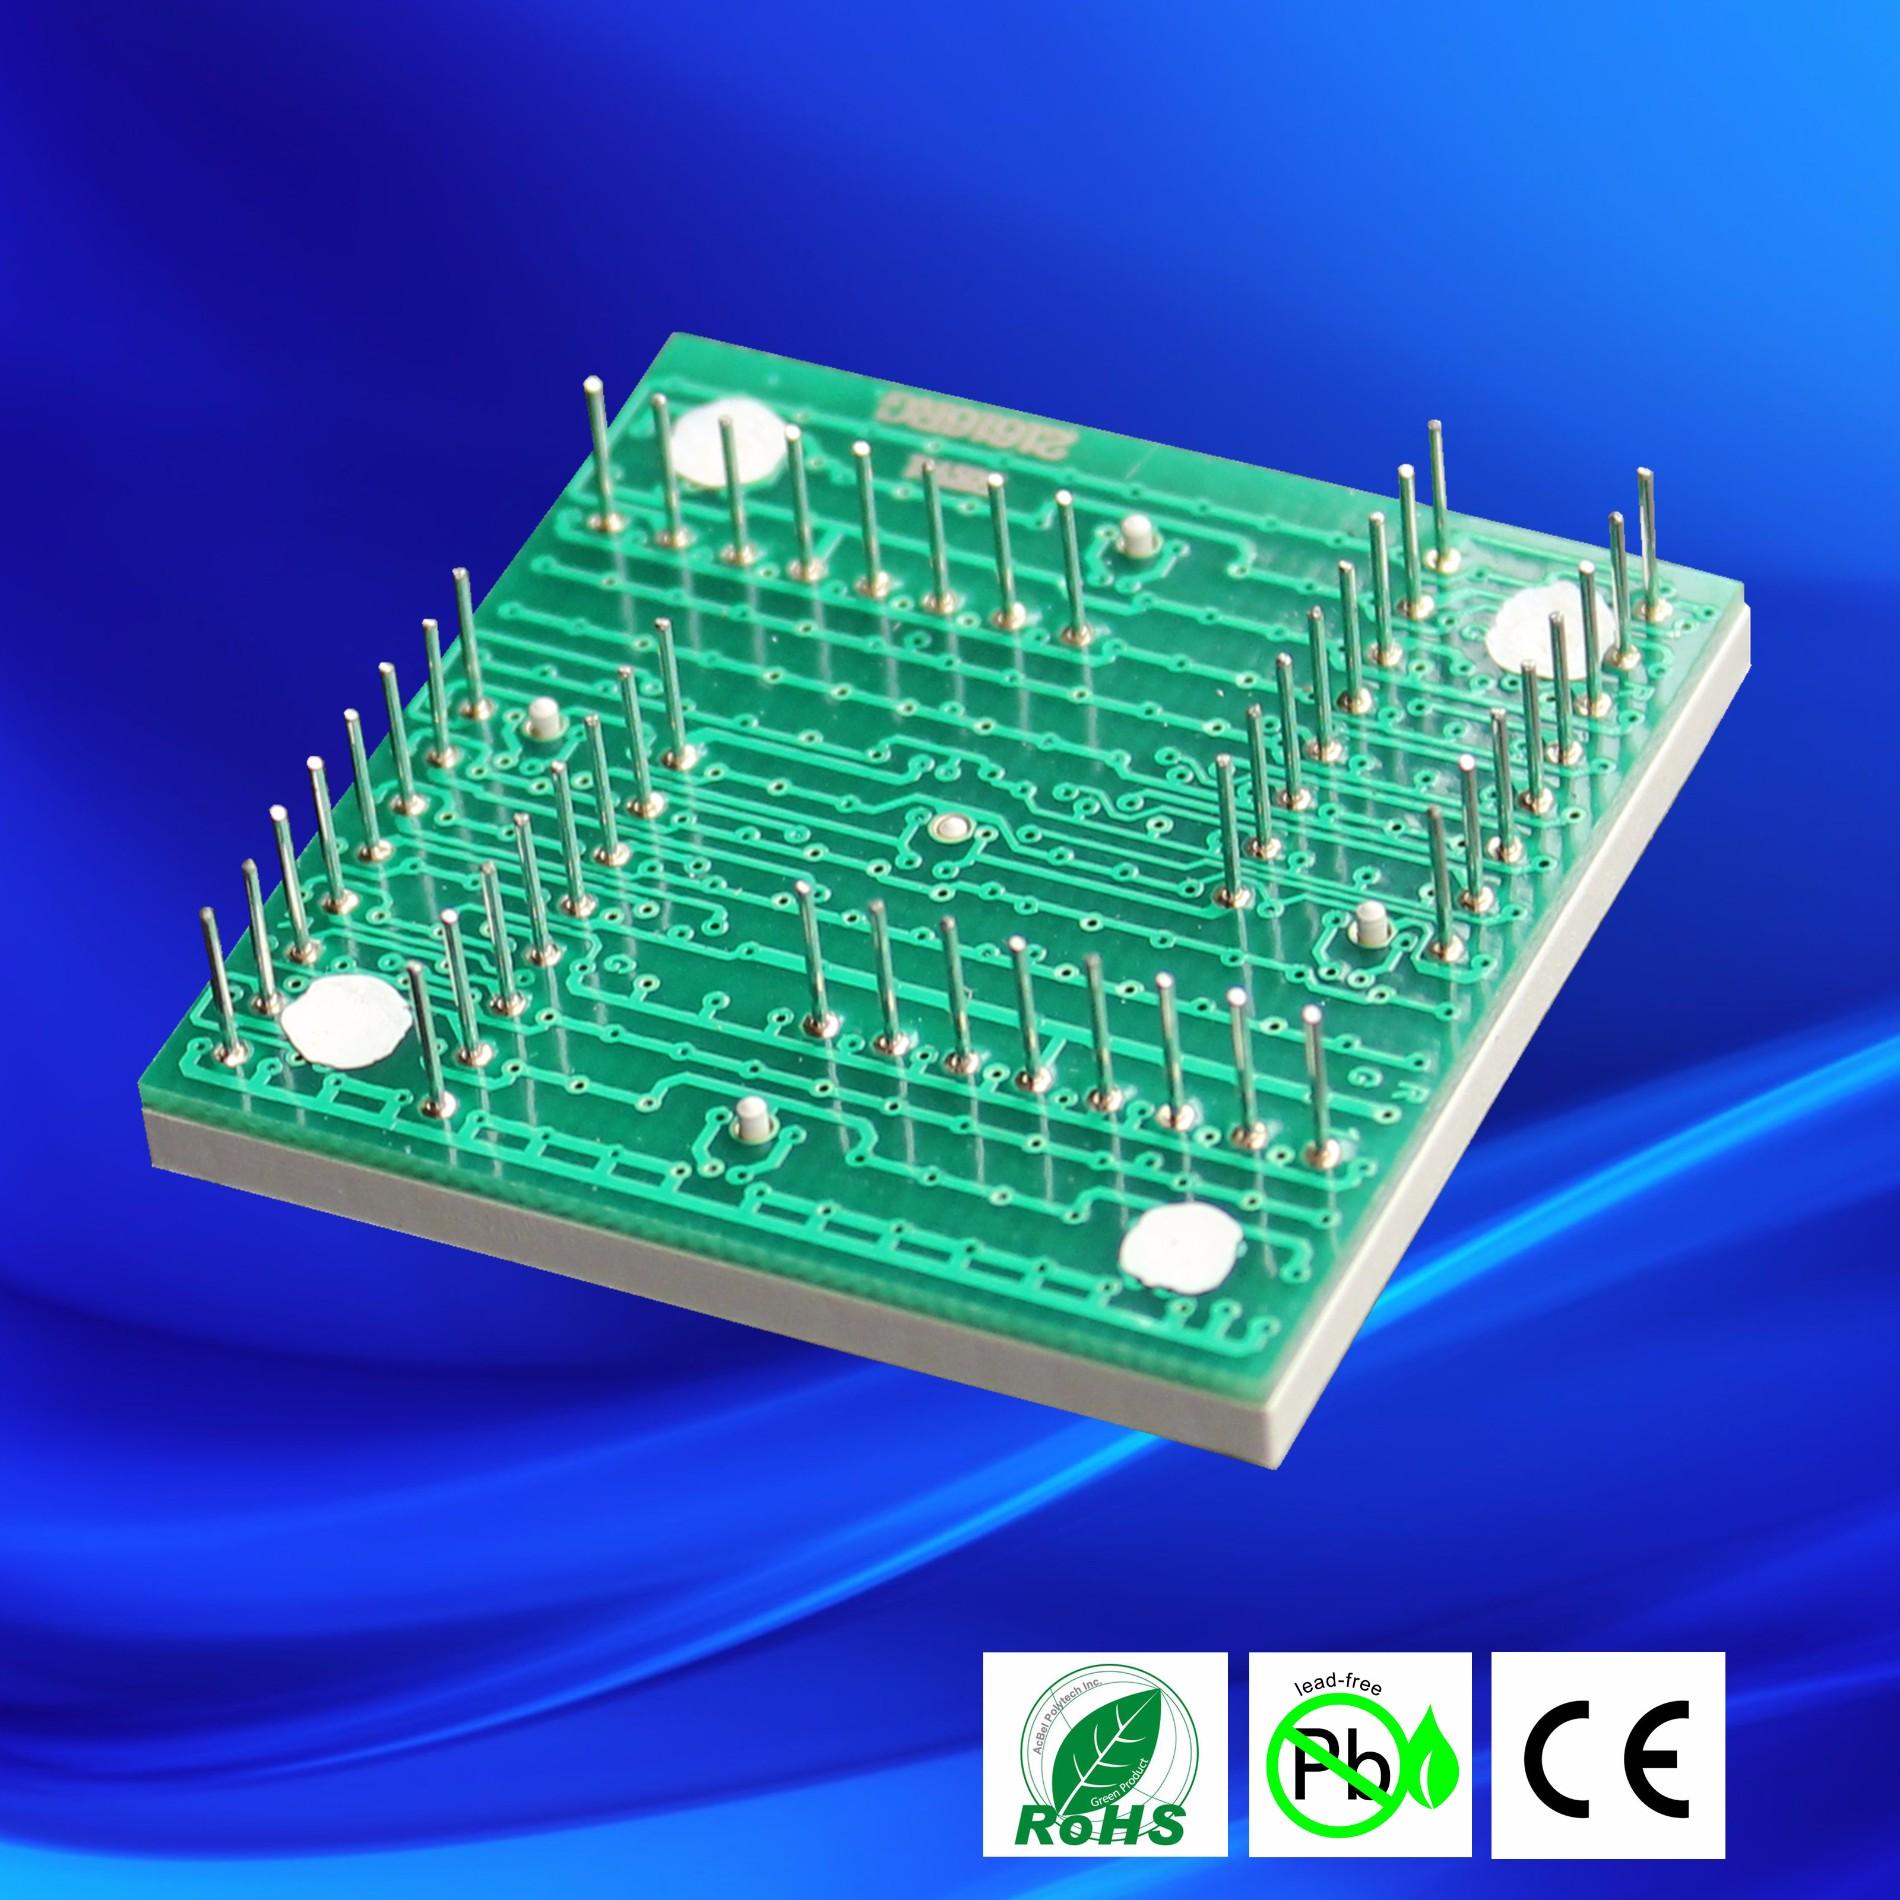 купить 16x16 матричный светодиодный дисплей,16x16 матричный светодиодный дисплей цена,16x16 матричный светодиодный дисплей бренды,16x16 матричный светодиодный дисплей производитель;16x16 матричный светодиодный дисплей Цитаты;16x16 матричный светодиодный дисплей компания